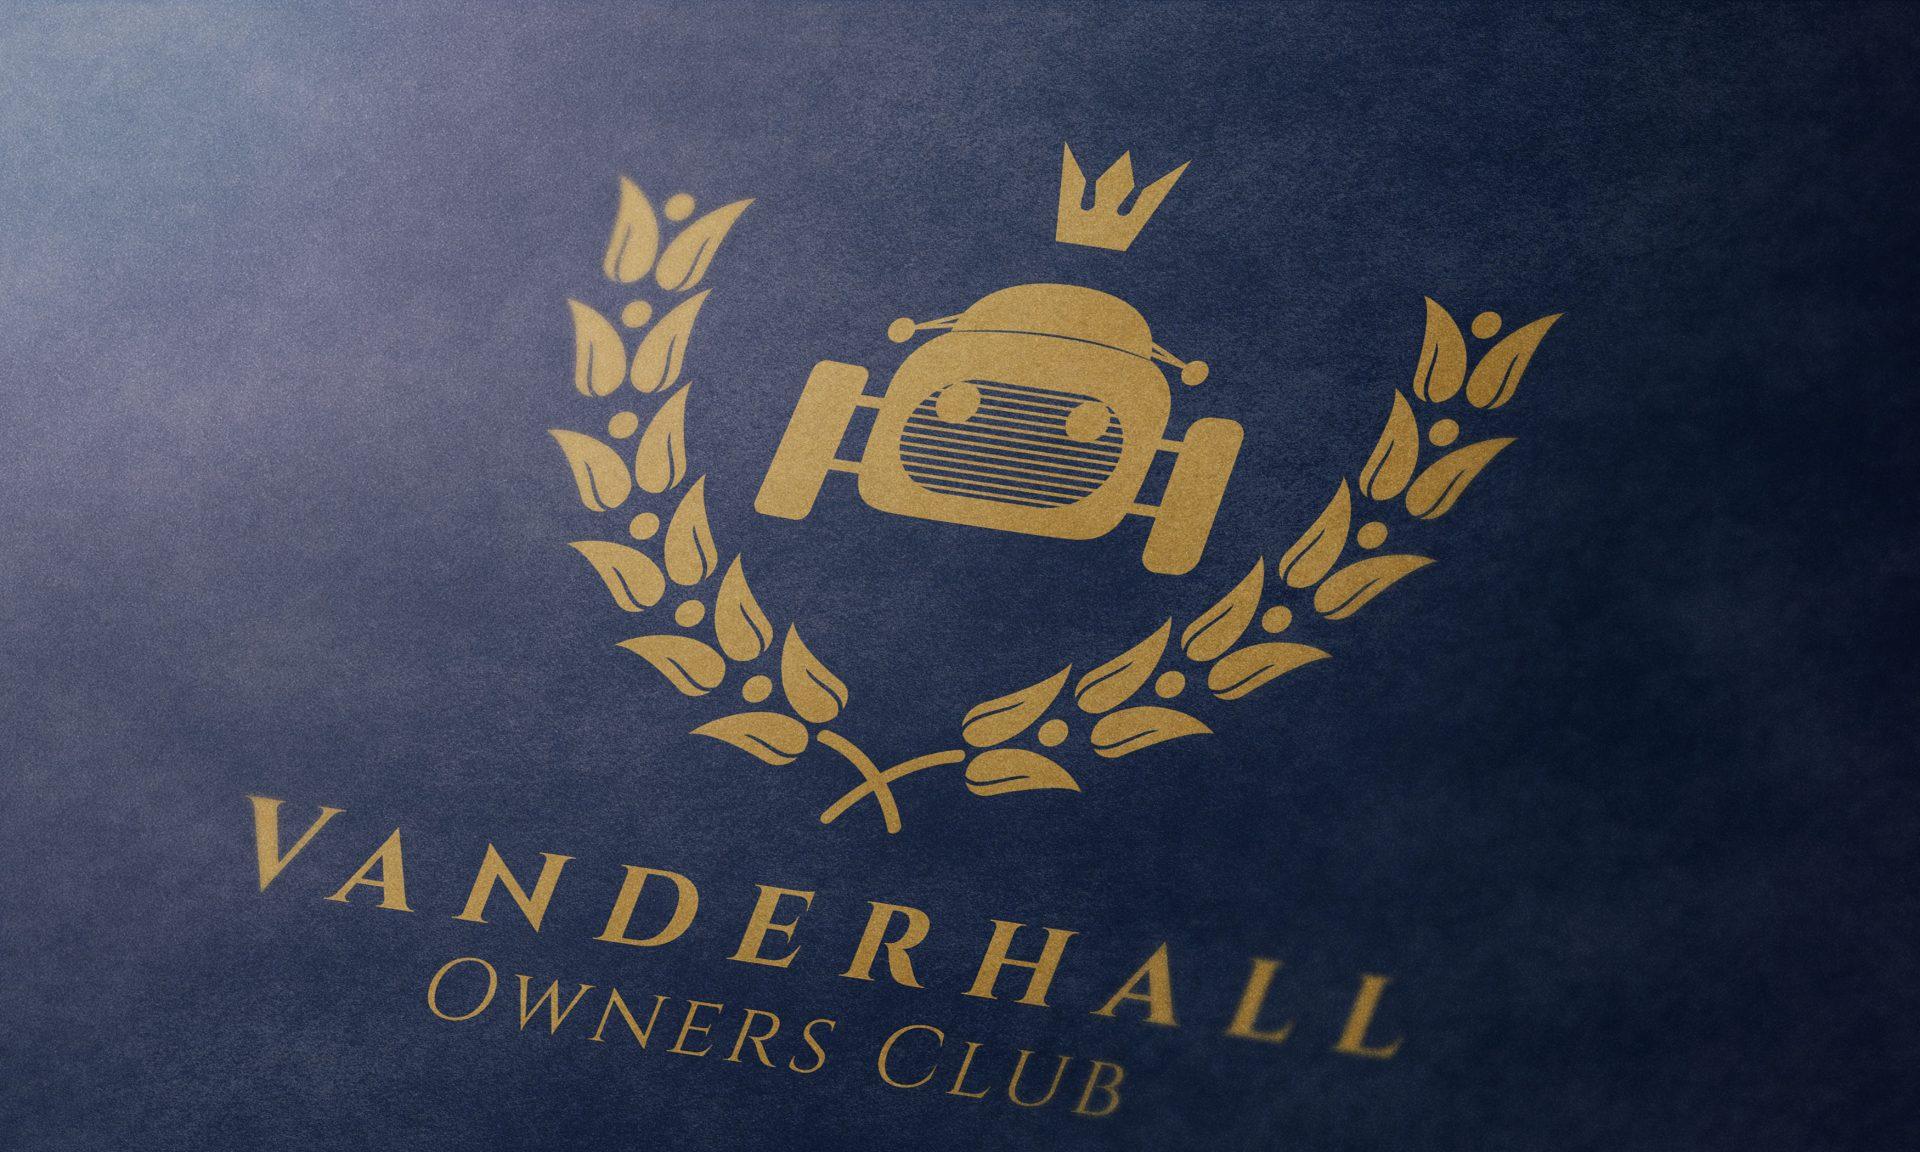 Vanderhall Owners Club